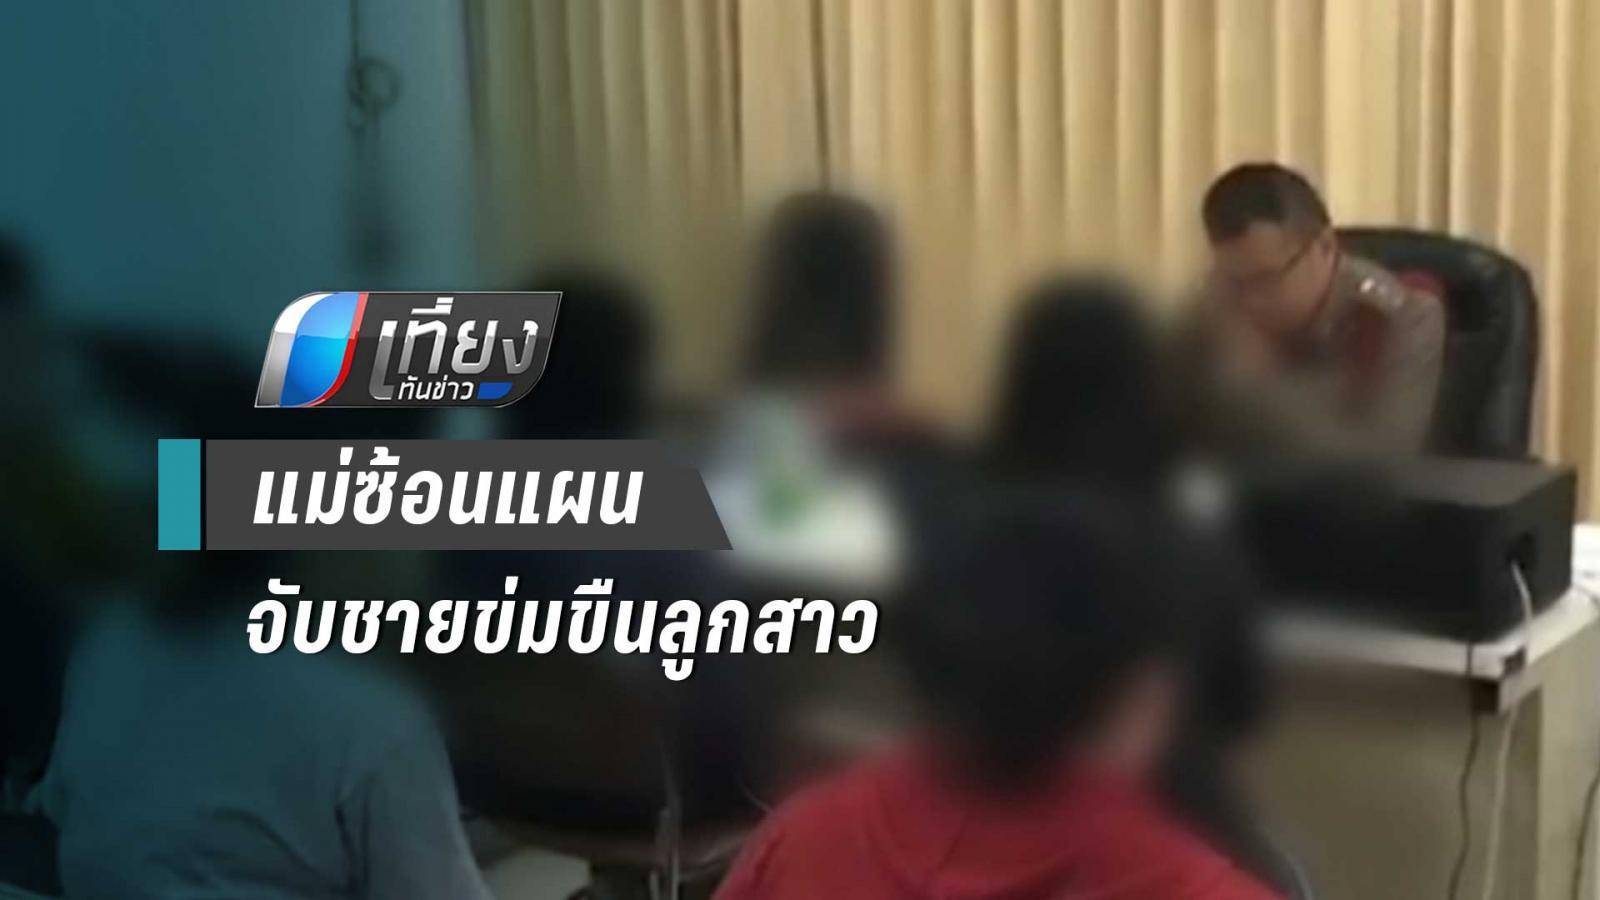 แม่ซ้อนแผนแจ้งตำรวจจับชายข่มขืนลูกสาววัย 13 ปี